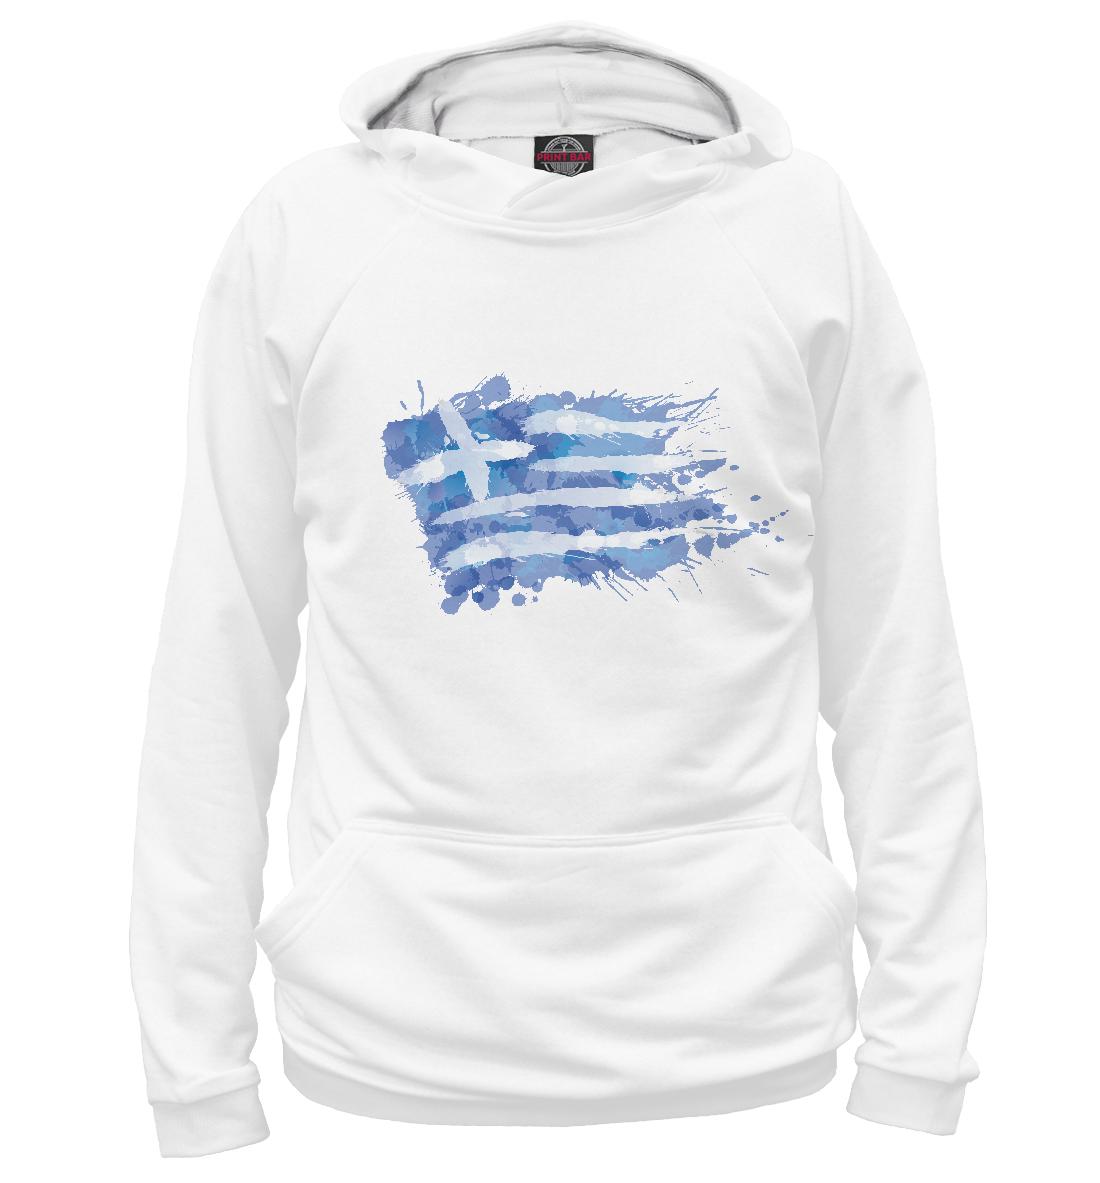 Купить Греческий флаг Splash, Printbar, Худи, CTS-862090-hud-1